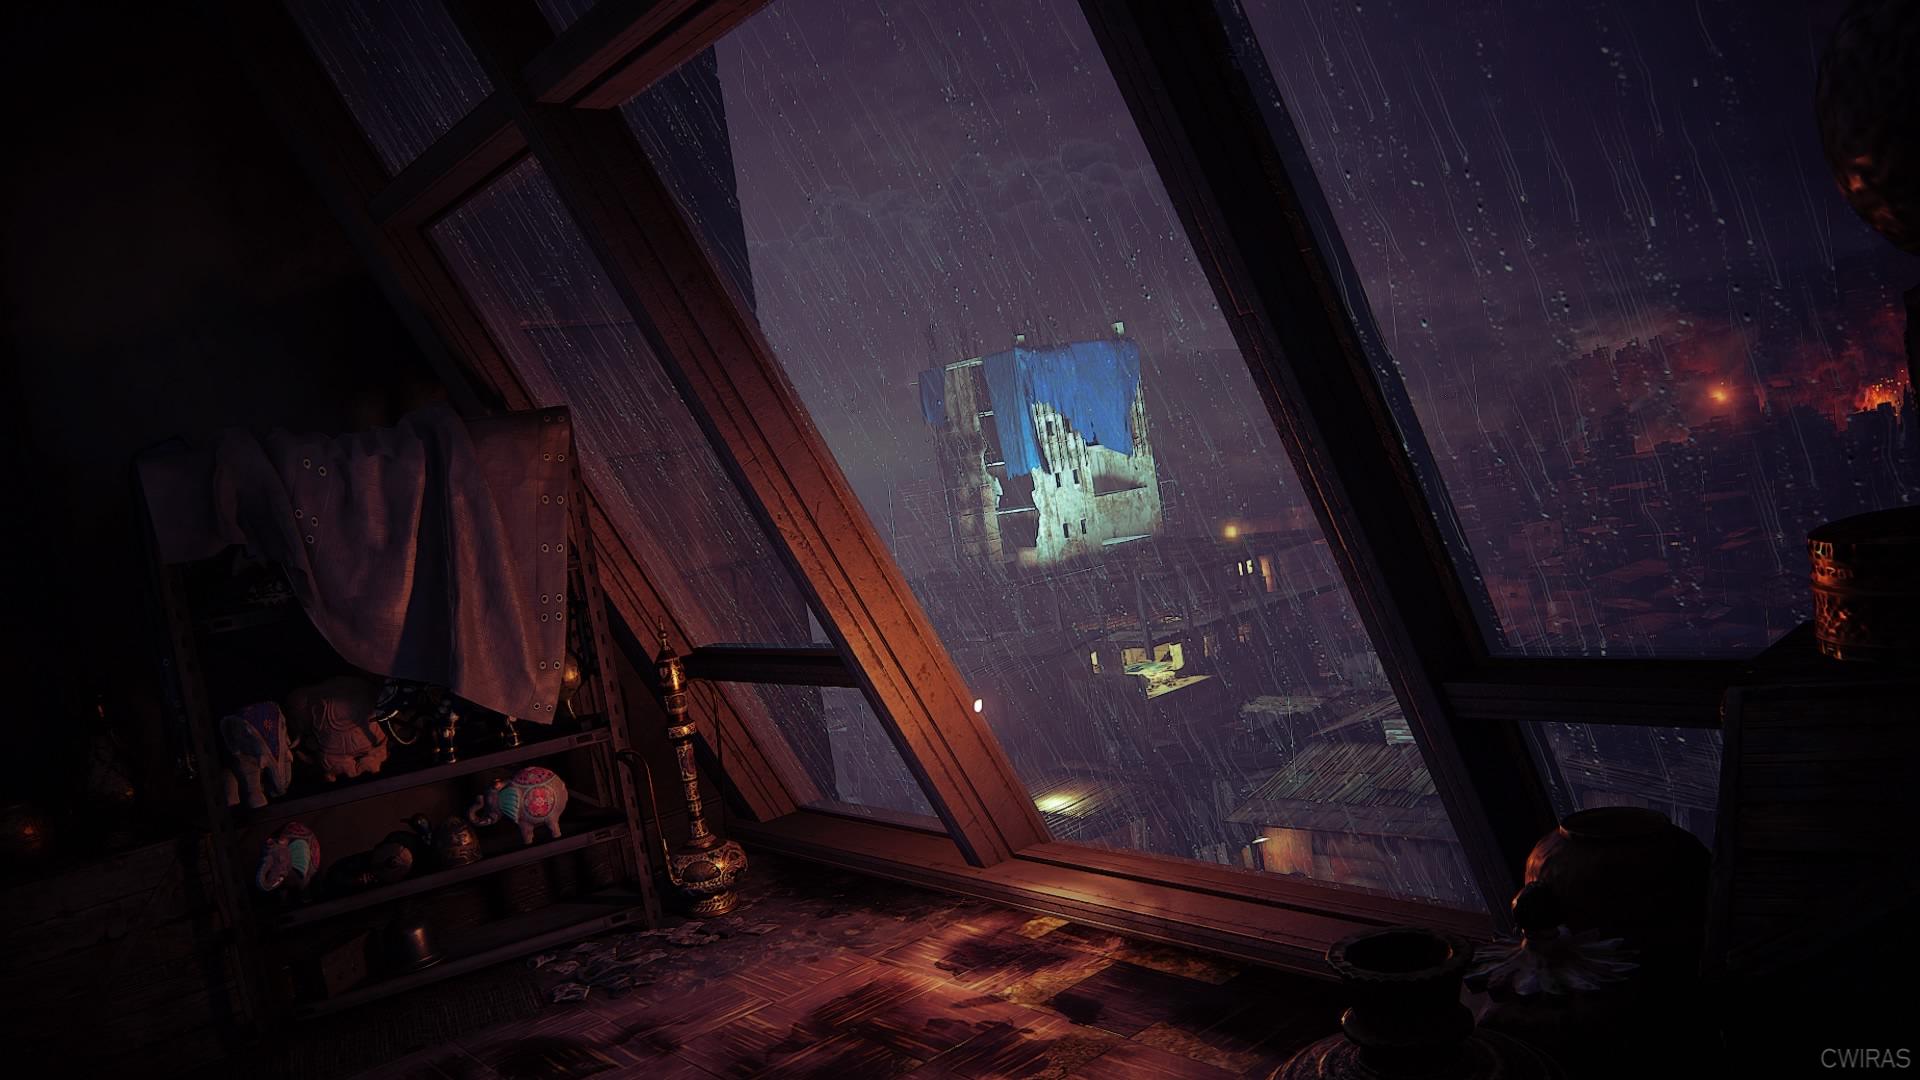 Fondos De Pantalla Inexplorado Uncharted The Lost Legacy